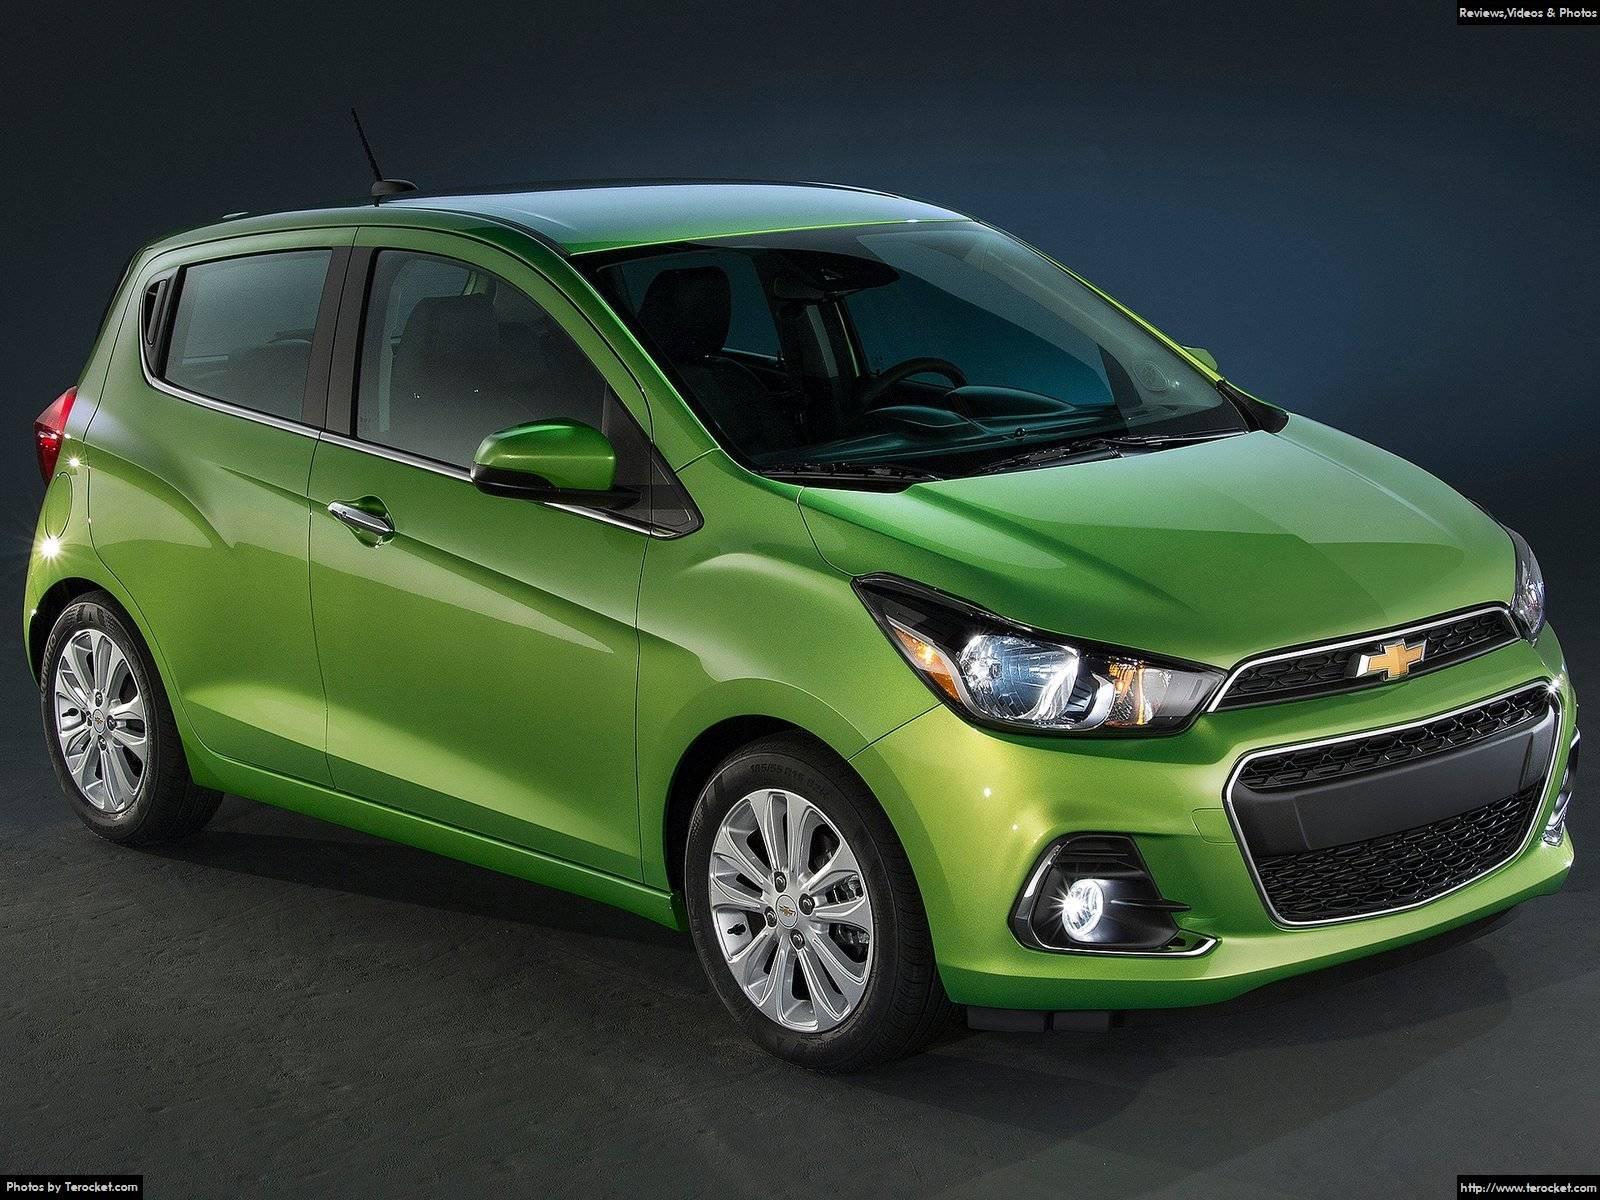 Hình ảnh xe ô tô Chevrolet Spark 2016 & nội ngoại thất